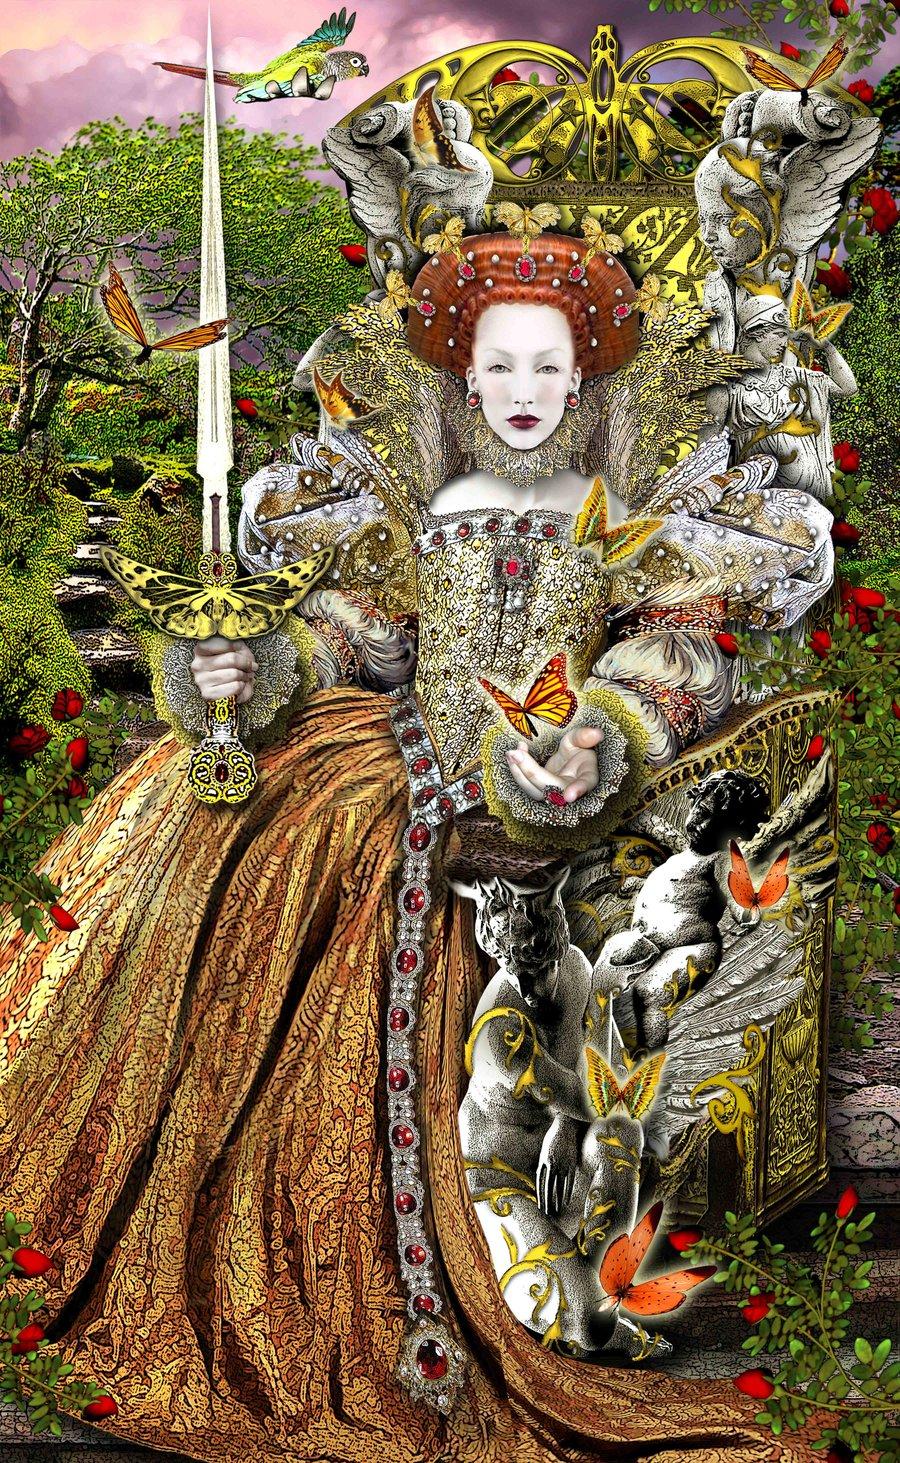 I Am the Queen of Swords